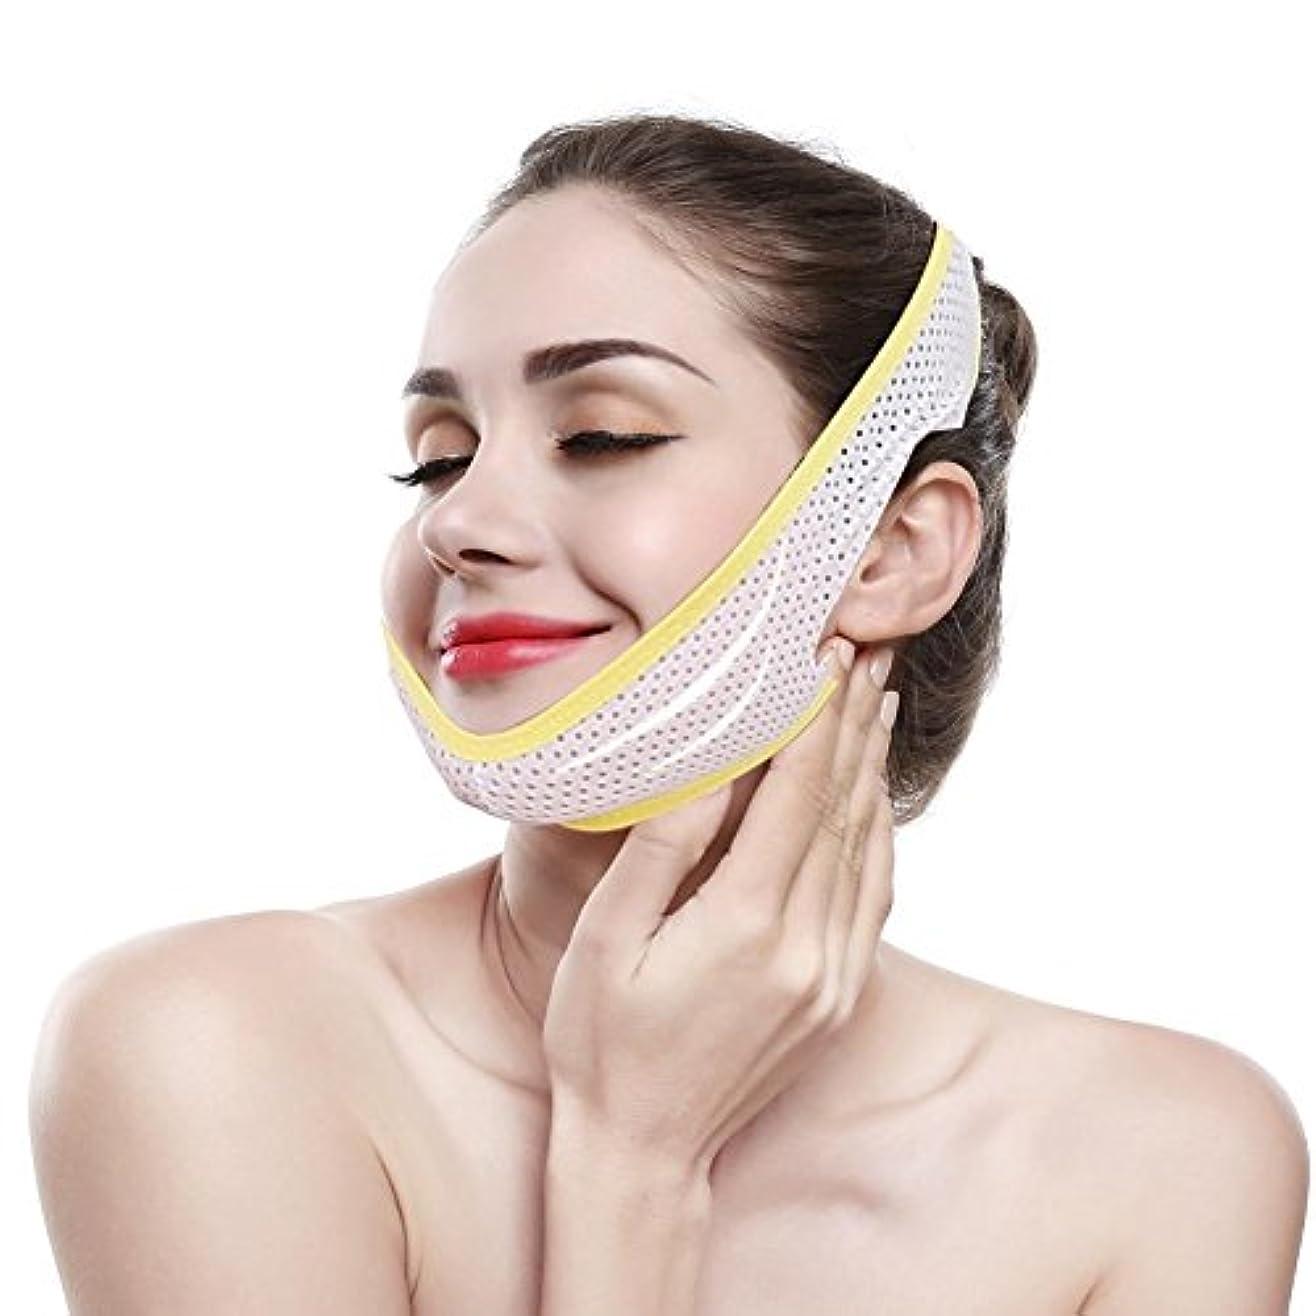 カメラ指合理的顎リフト フェイススリミング包帯 フェイスベルト 顔の包帯スリミングダブルチンVラインとフェイシャルケアファーミングスキン 女性の超薄型 フェイスマス クラインベルト スリミング製品マスク(M)